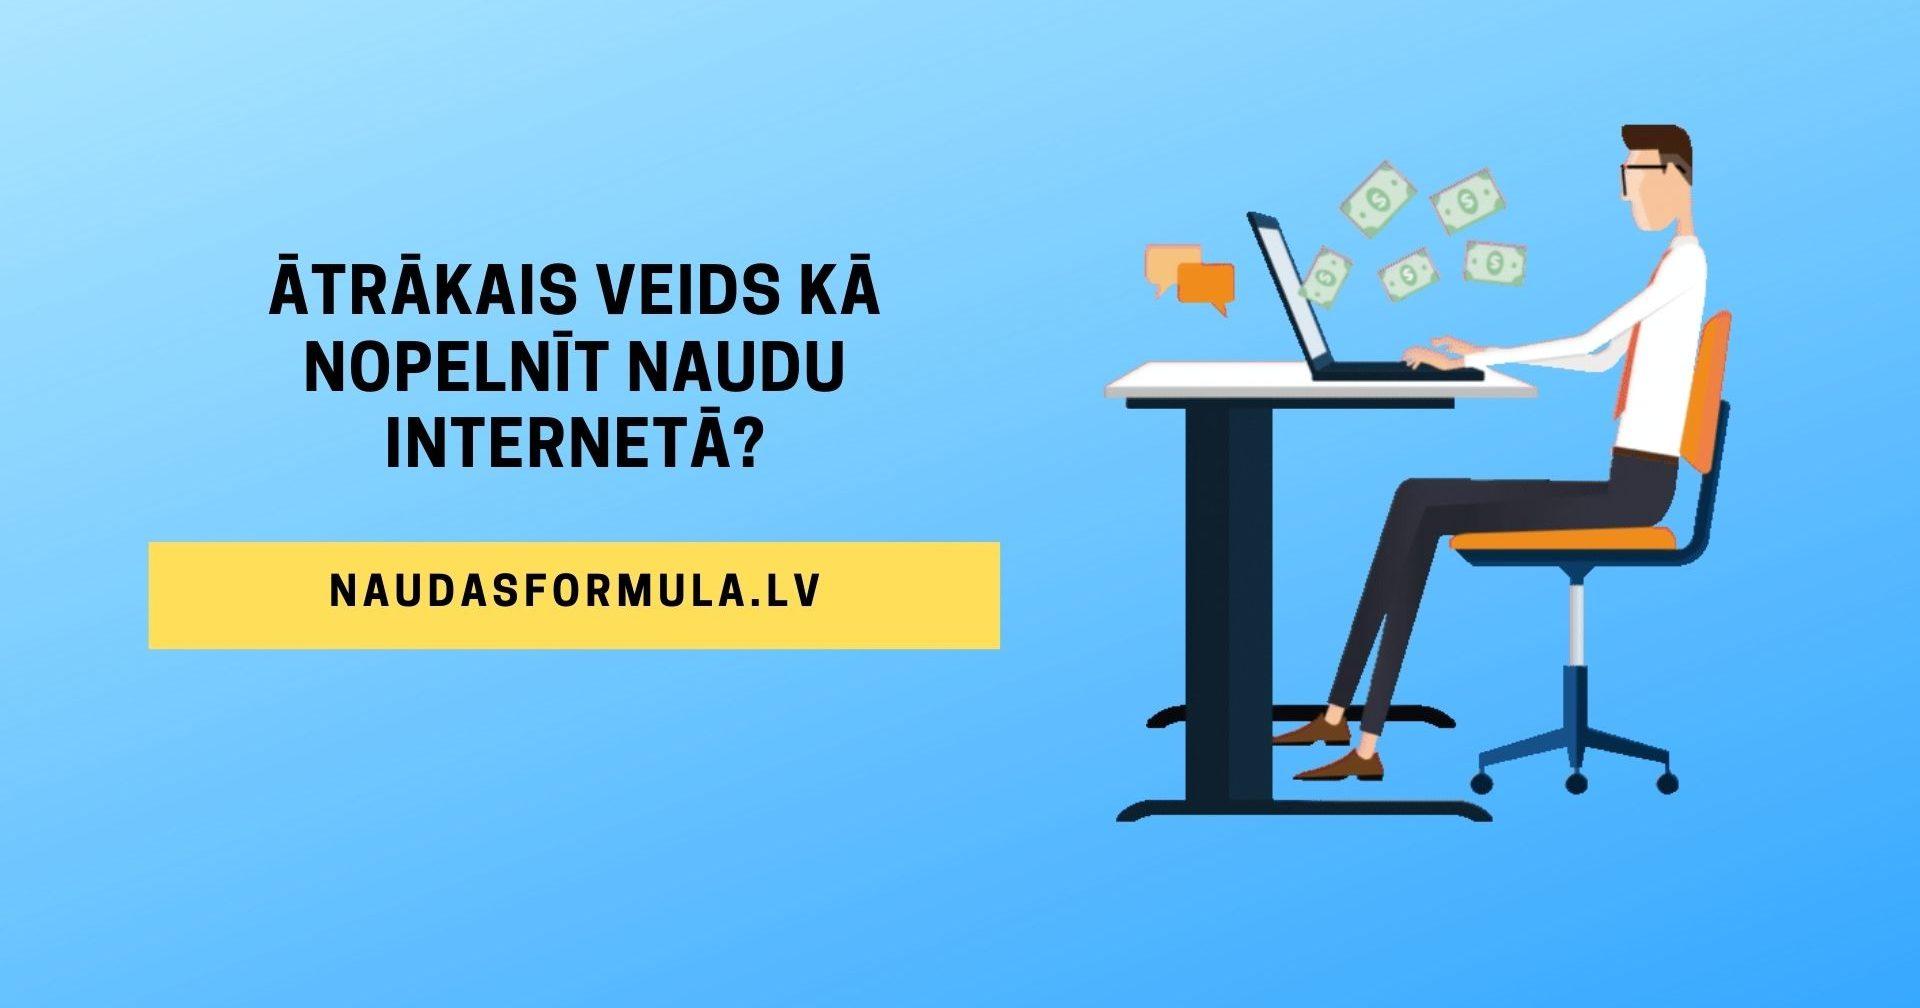 kā nopelnīt naudu par datplūsmu internetā